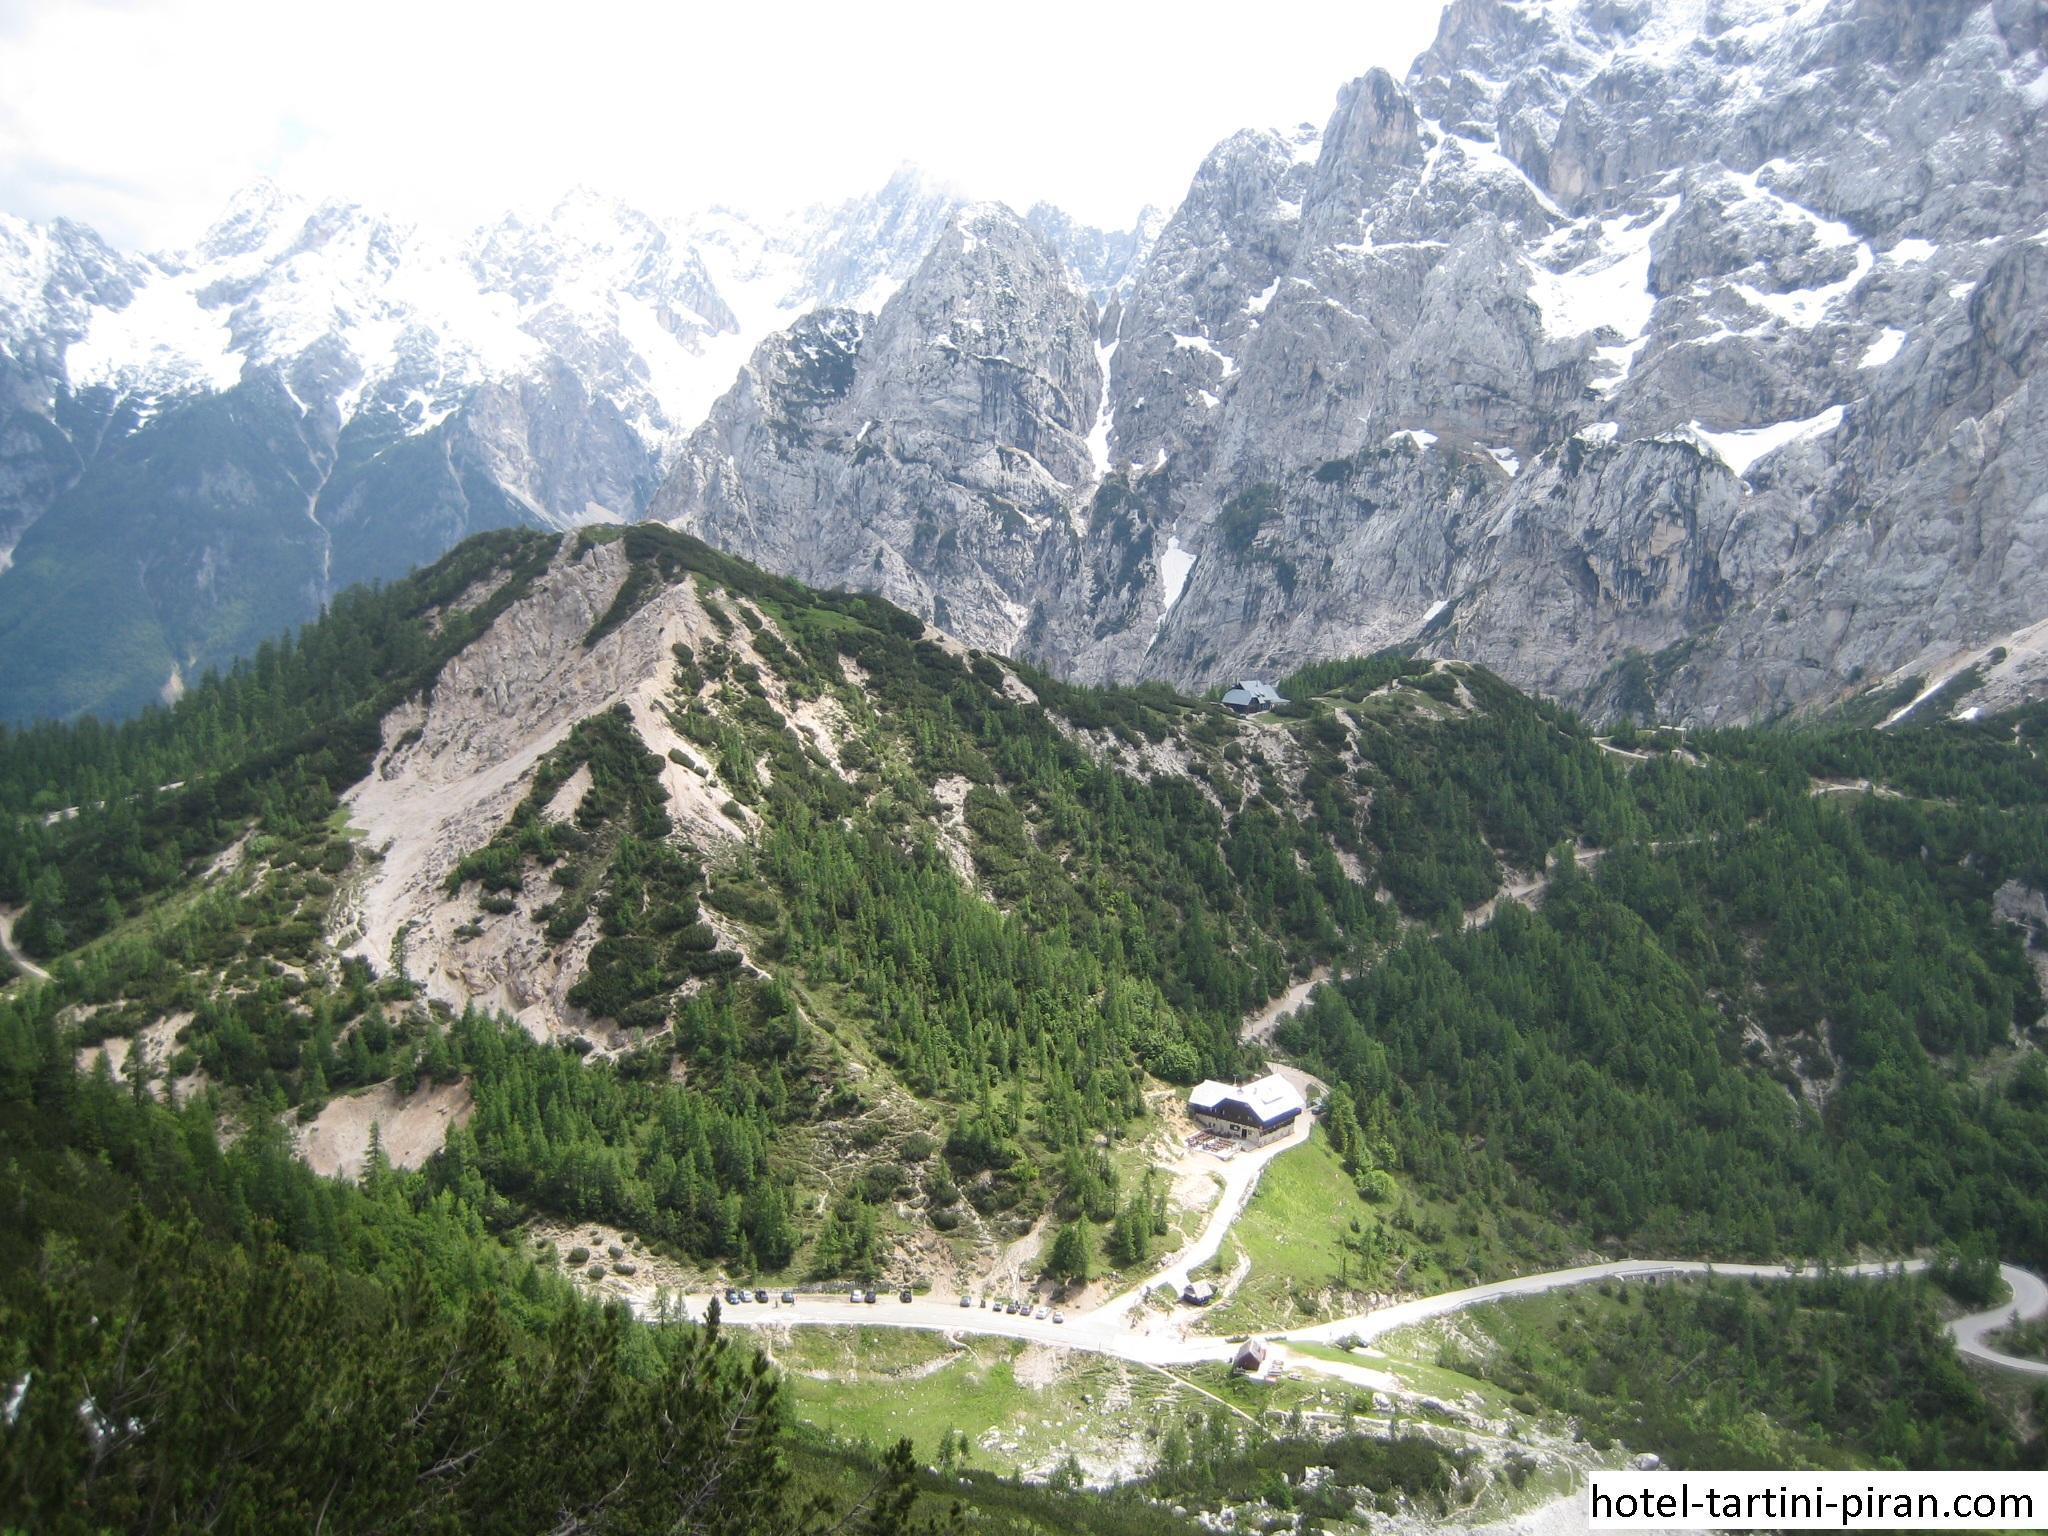 Vrsic Pass, Jalur Pegunungan Tertinggi Yang Melintasi Pegunungan Alpen Julian Slovenia